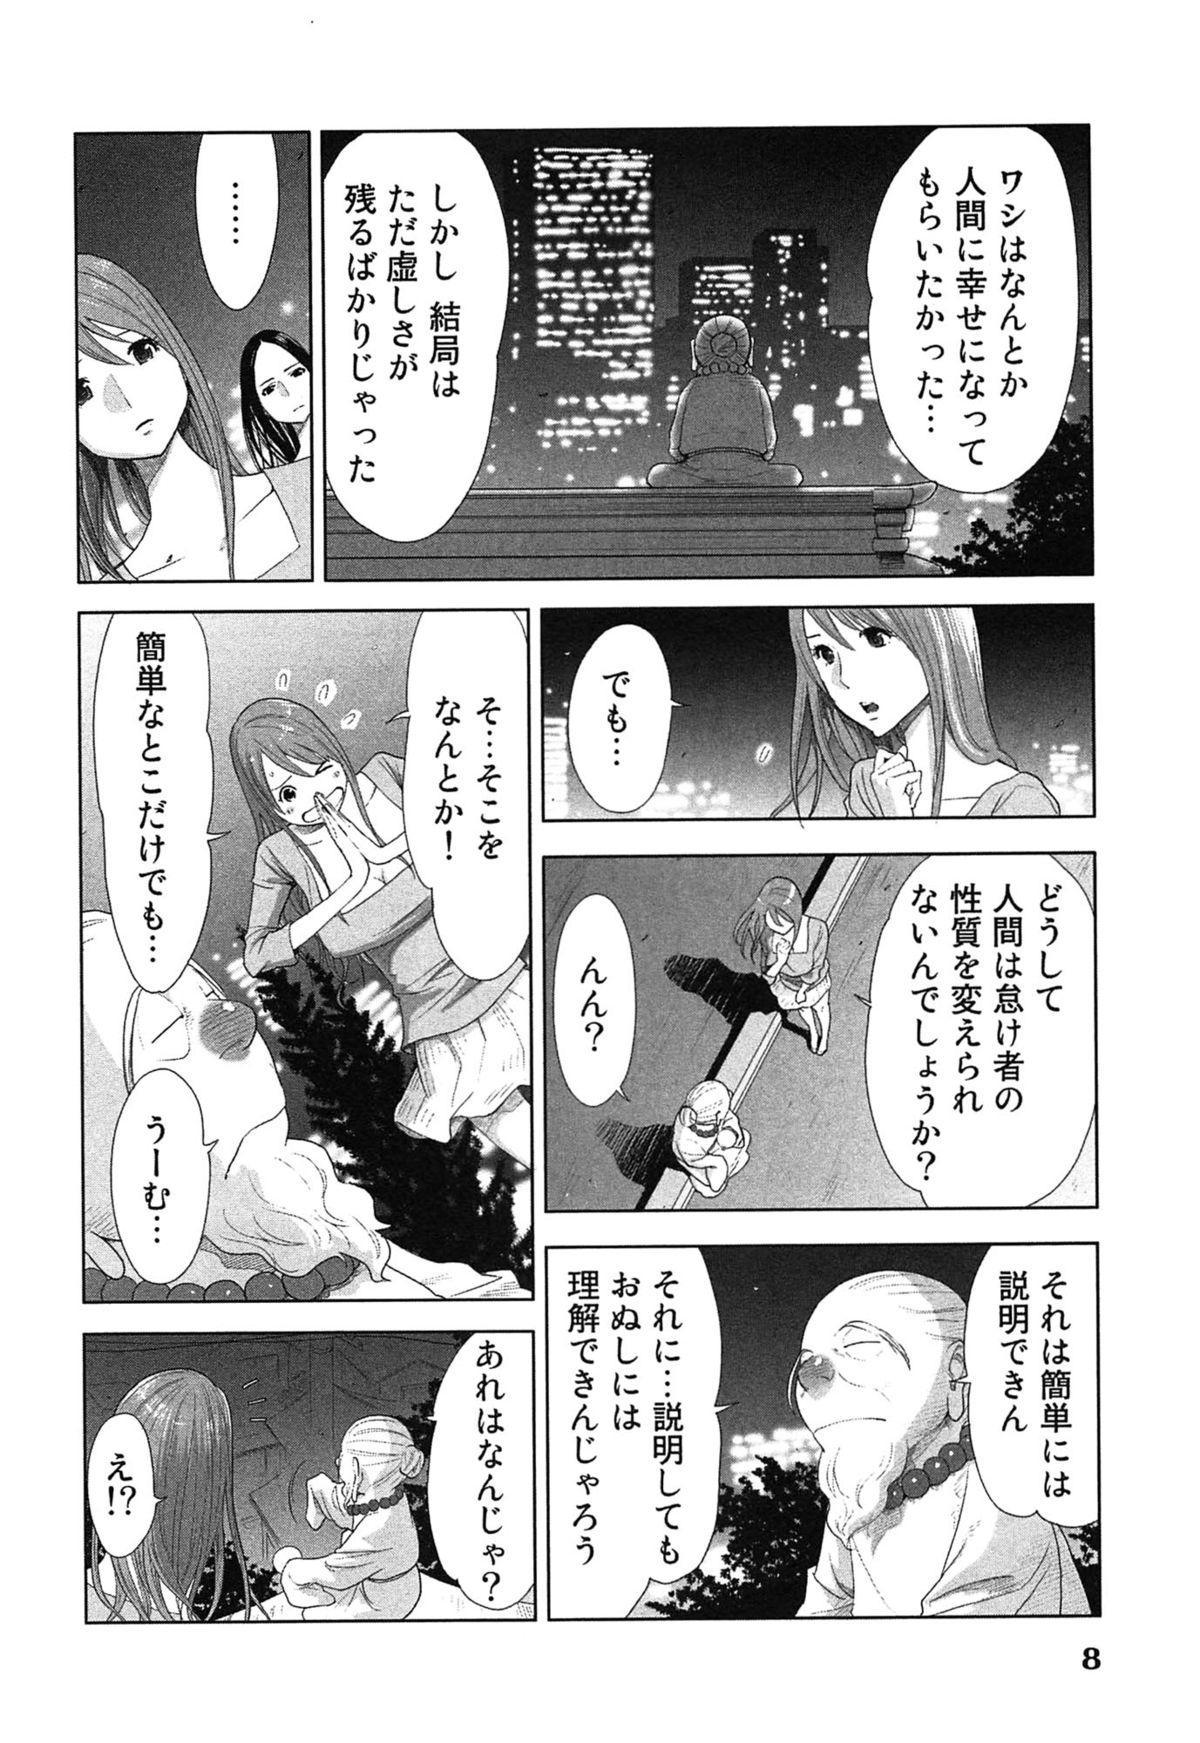 Megami to Ichinen Kura Shite Mita. 2 11